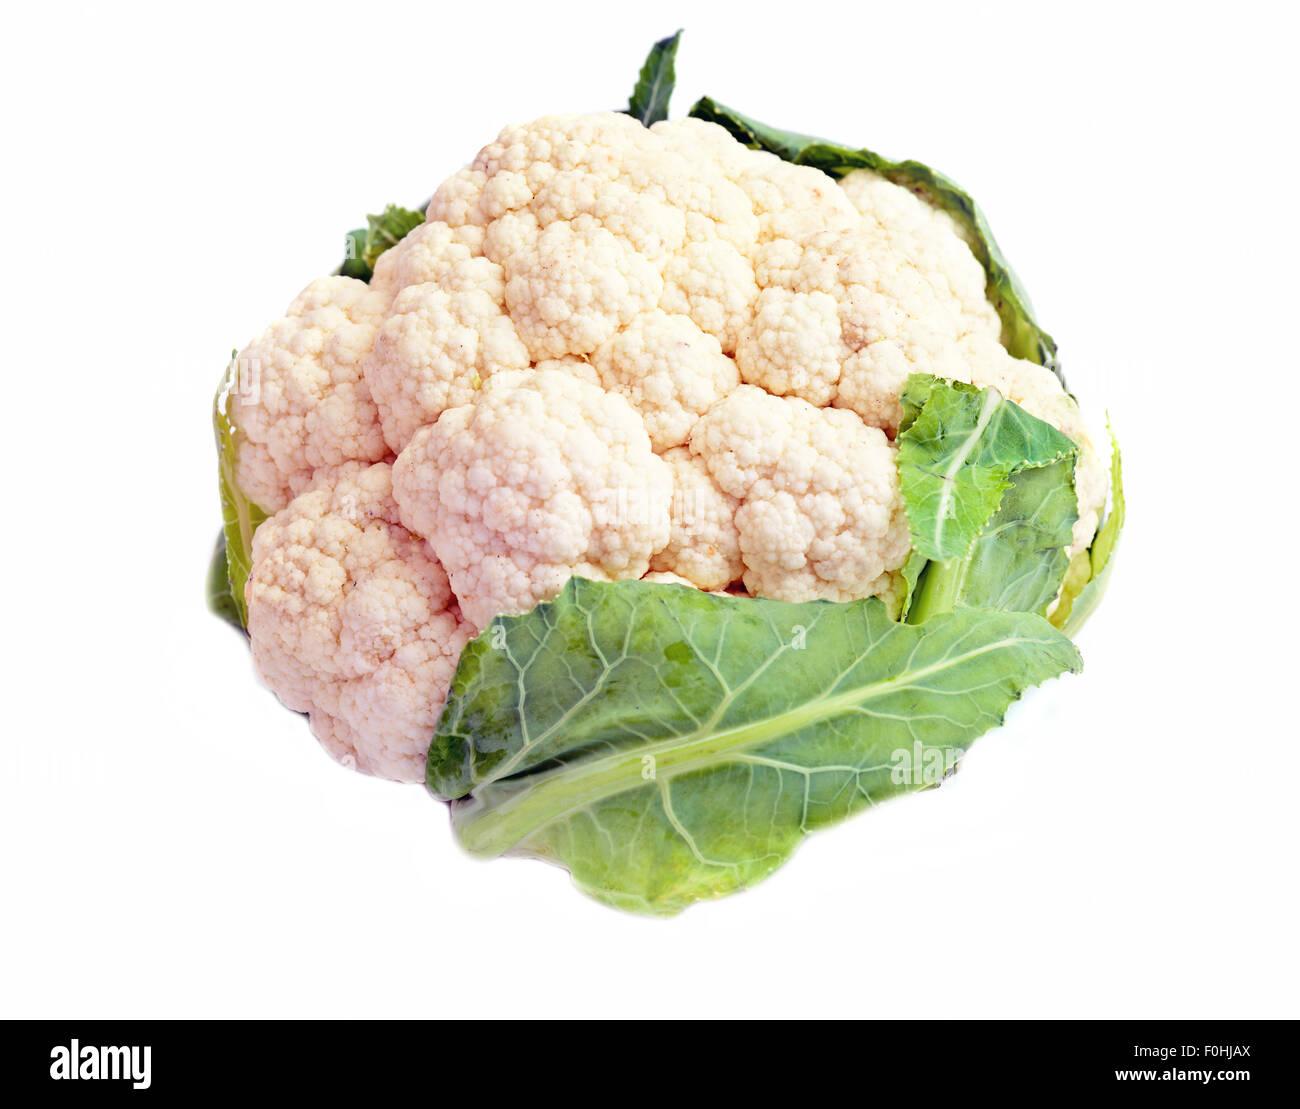 Cauliflower isolated on white background - Stock Image